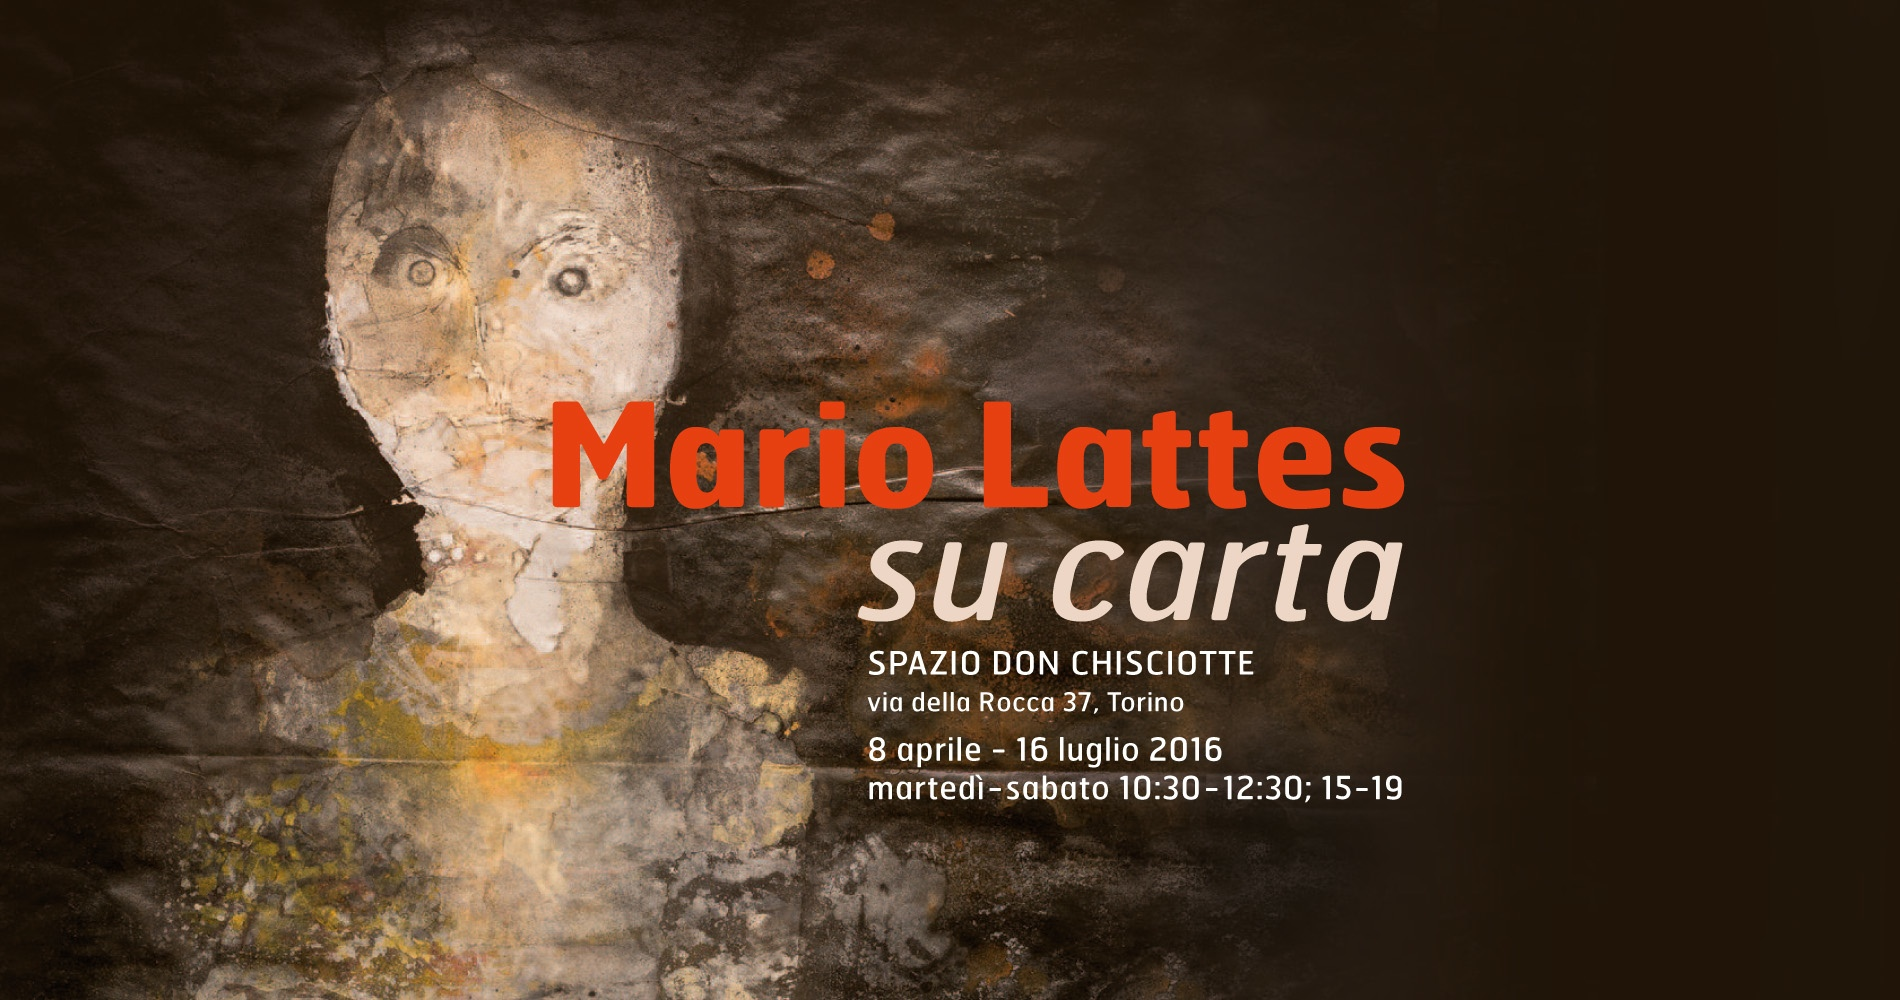 Mario Lattes su carta